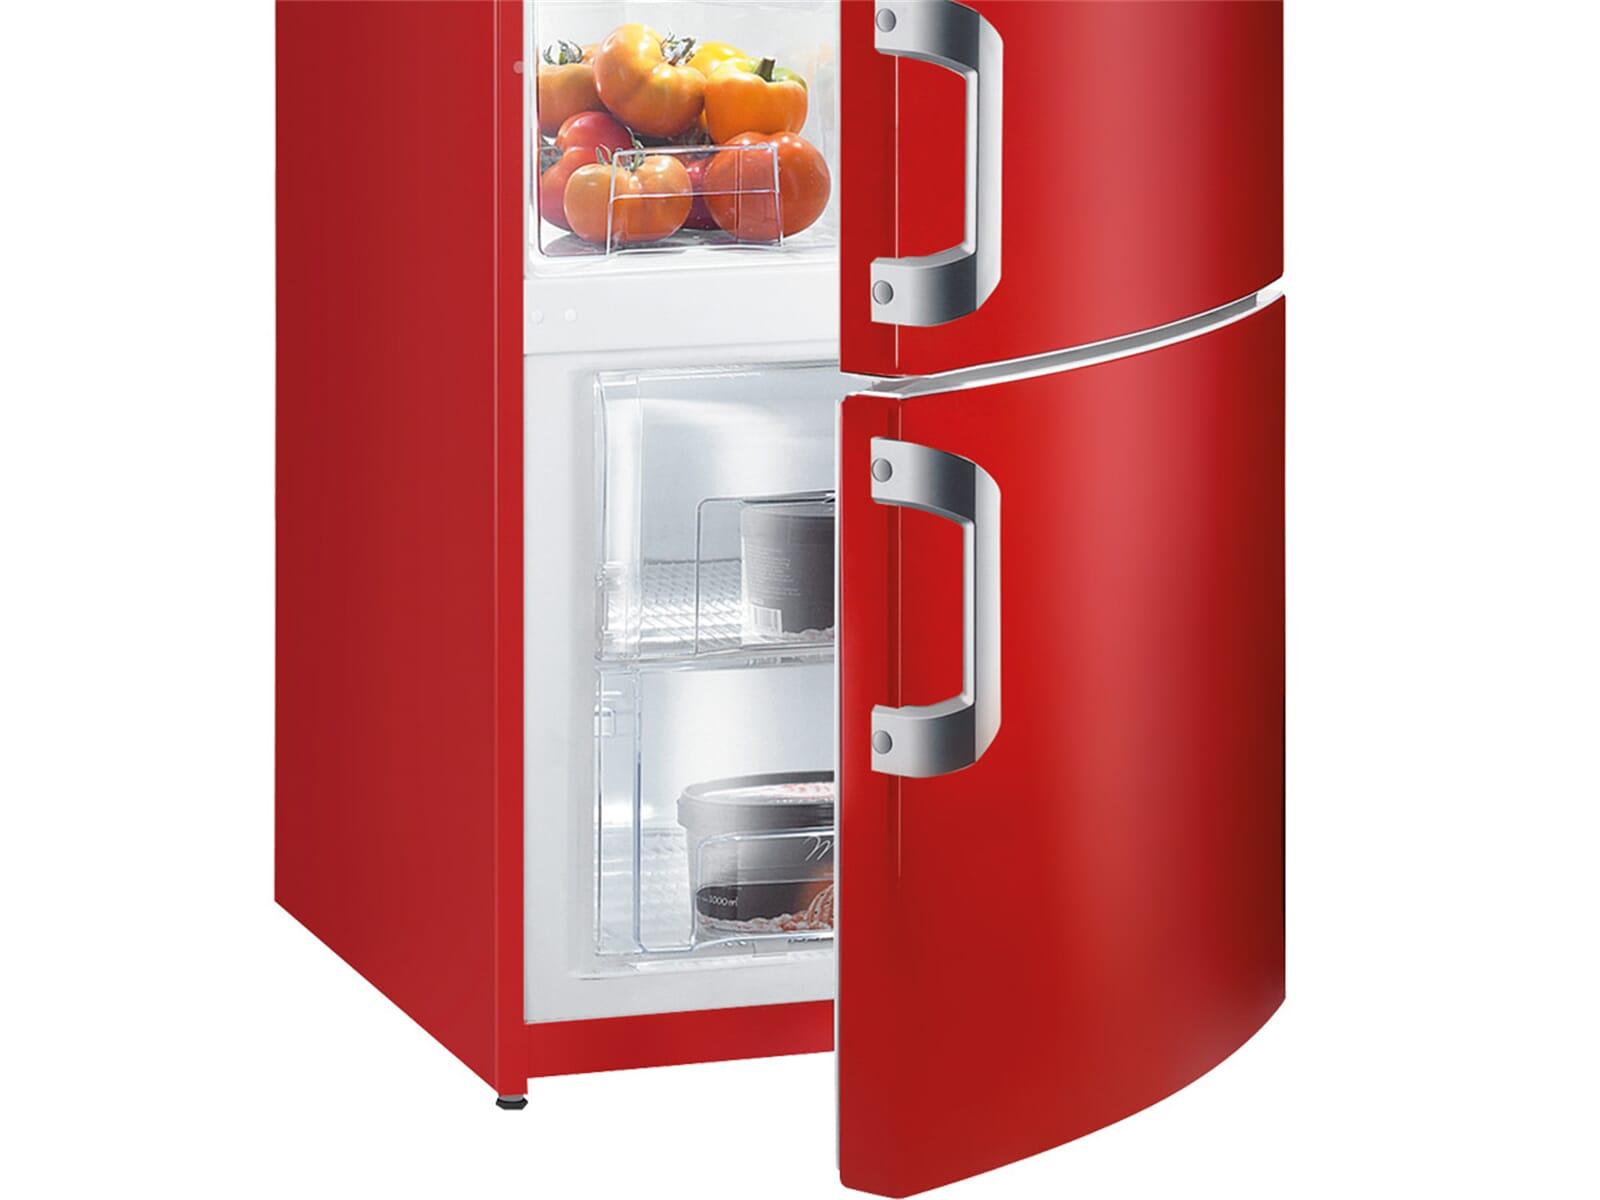 Gorenje Gefrier Und Kühlschrank : Gorenje kühlschrank gefrierkombination gorenje onrk c l